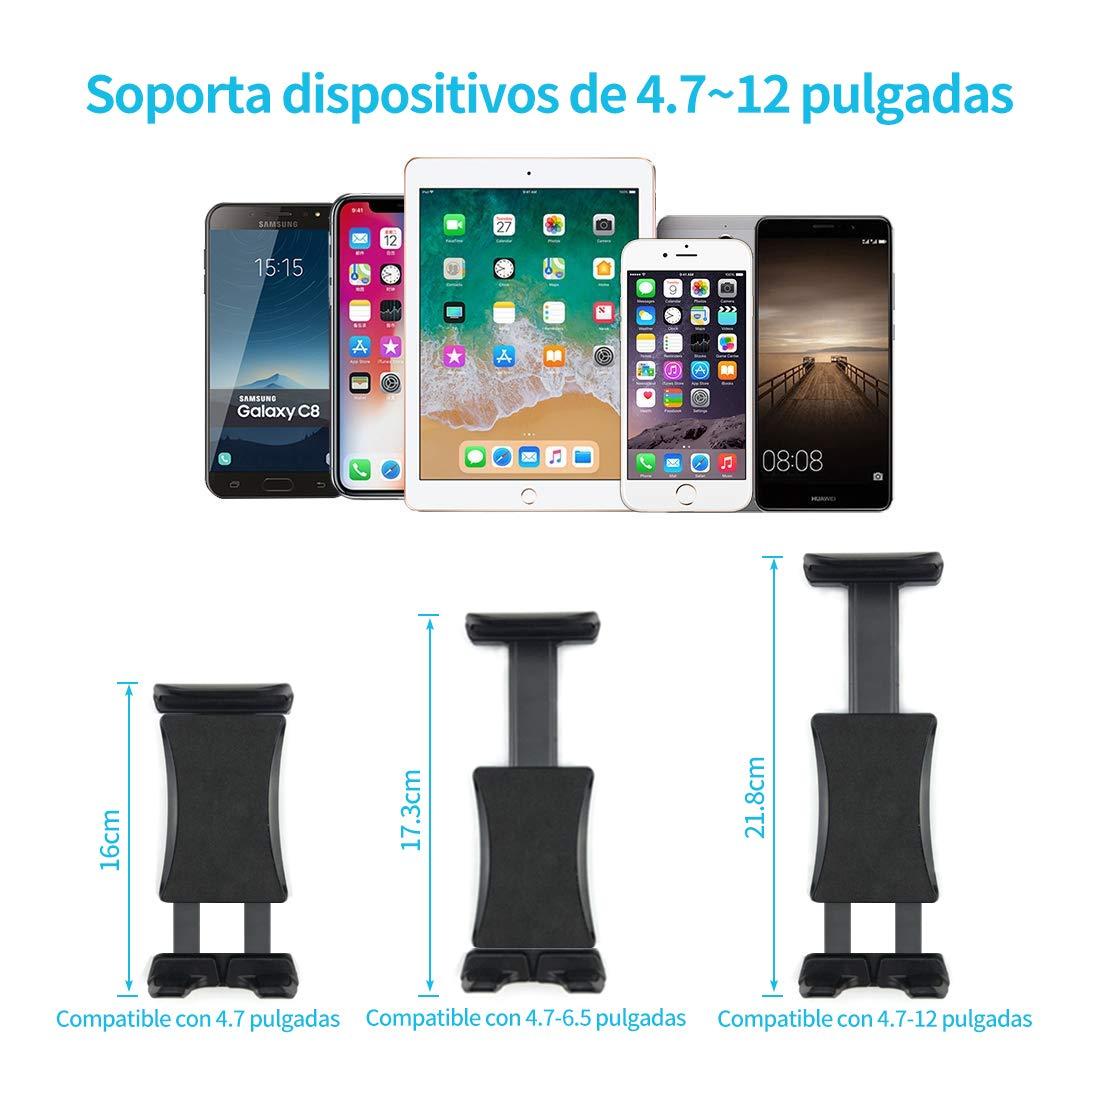 Supporto Tablet Auto Supporto Rotante a 360 Gradi Staffa da 4,5-10,5 Pollici Compatibile con iPad Supporto Tablet Poggiatesta Auto Xiaomi e altri Table Silicone Antiscivolo